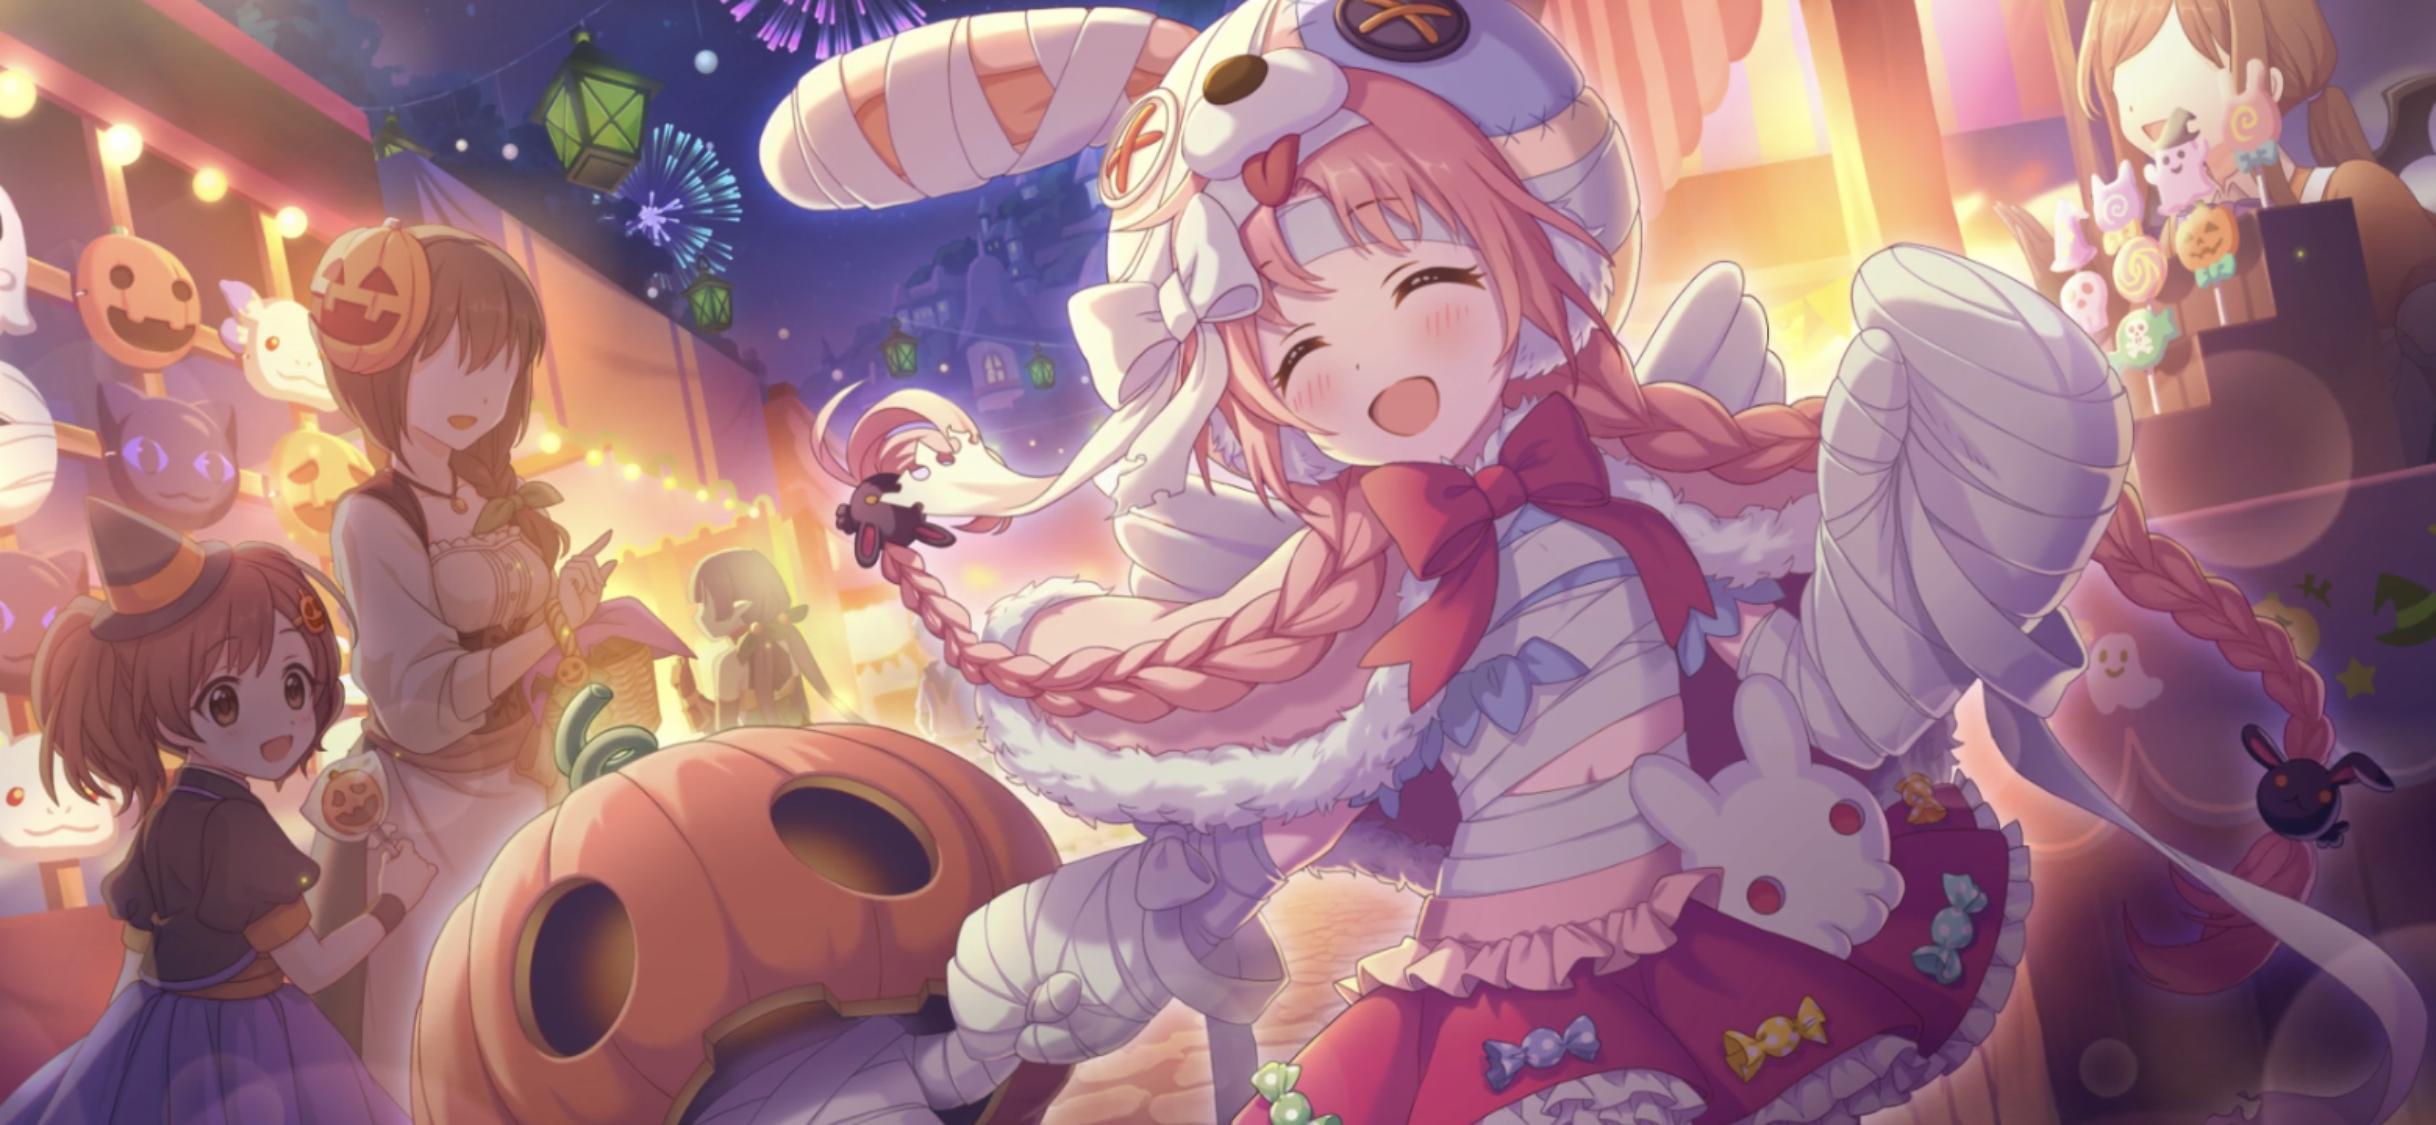 【画像】ミミちゃんは本物の素敵な笑顔なんだ…⇐ほんまかわいい